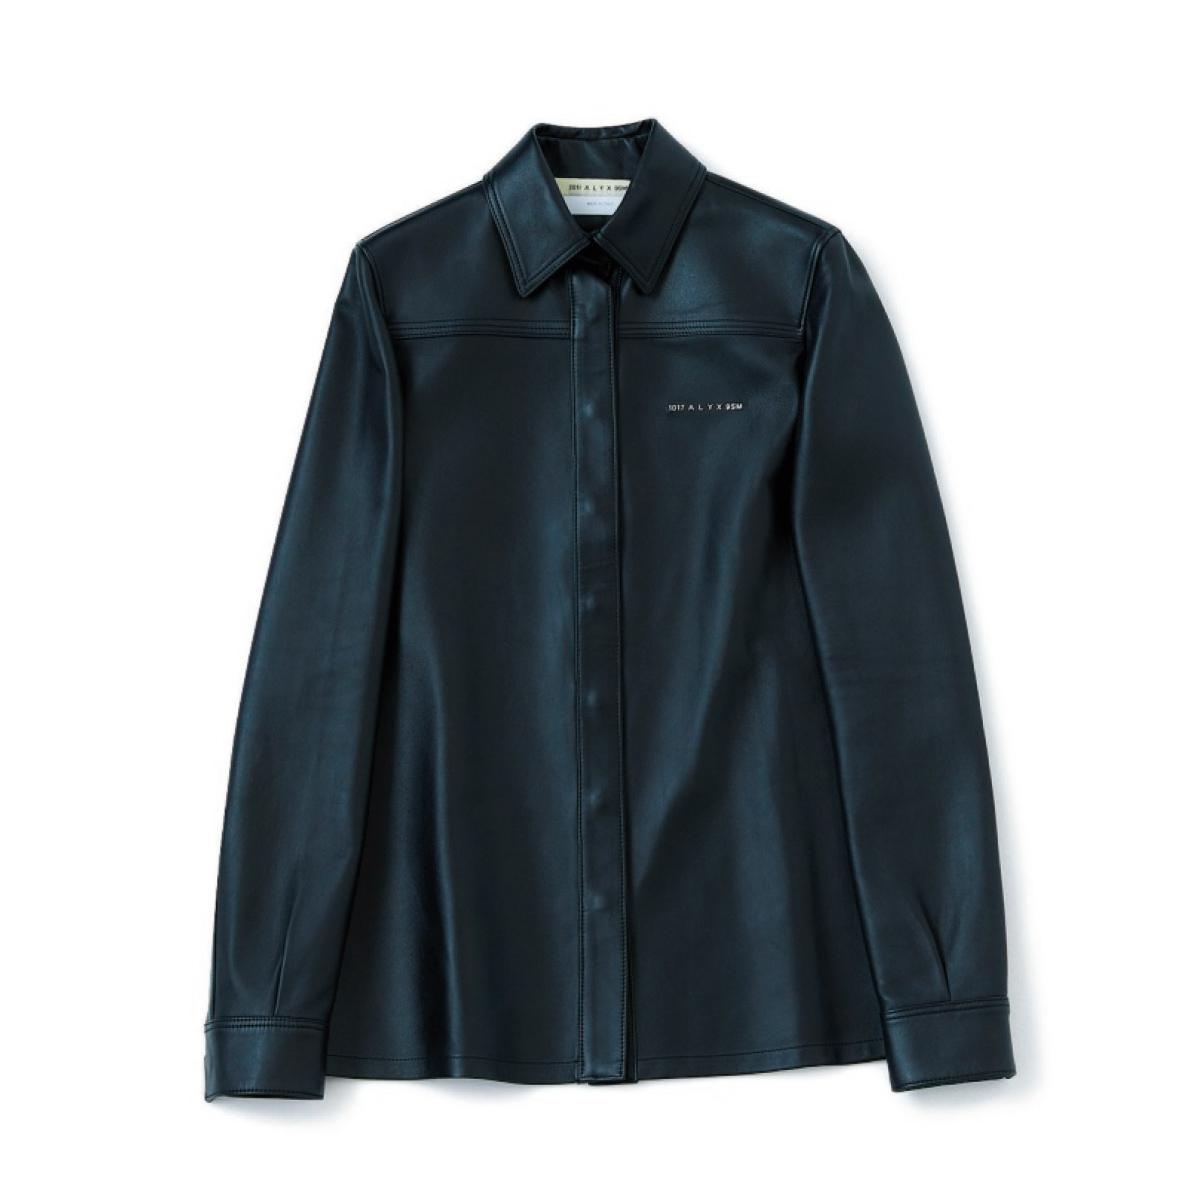 1017 アリクス 9エスエム「レザーシャツ」